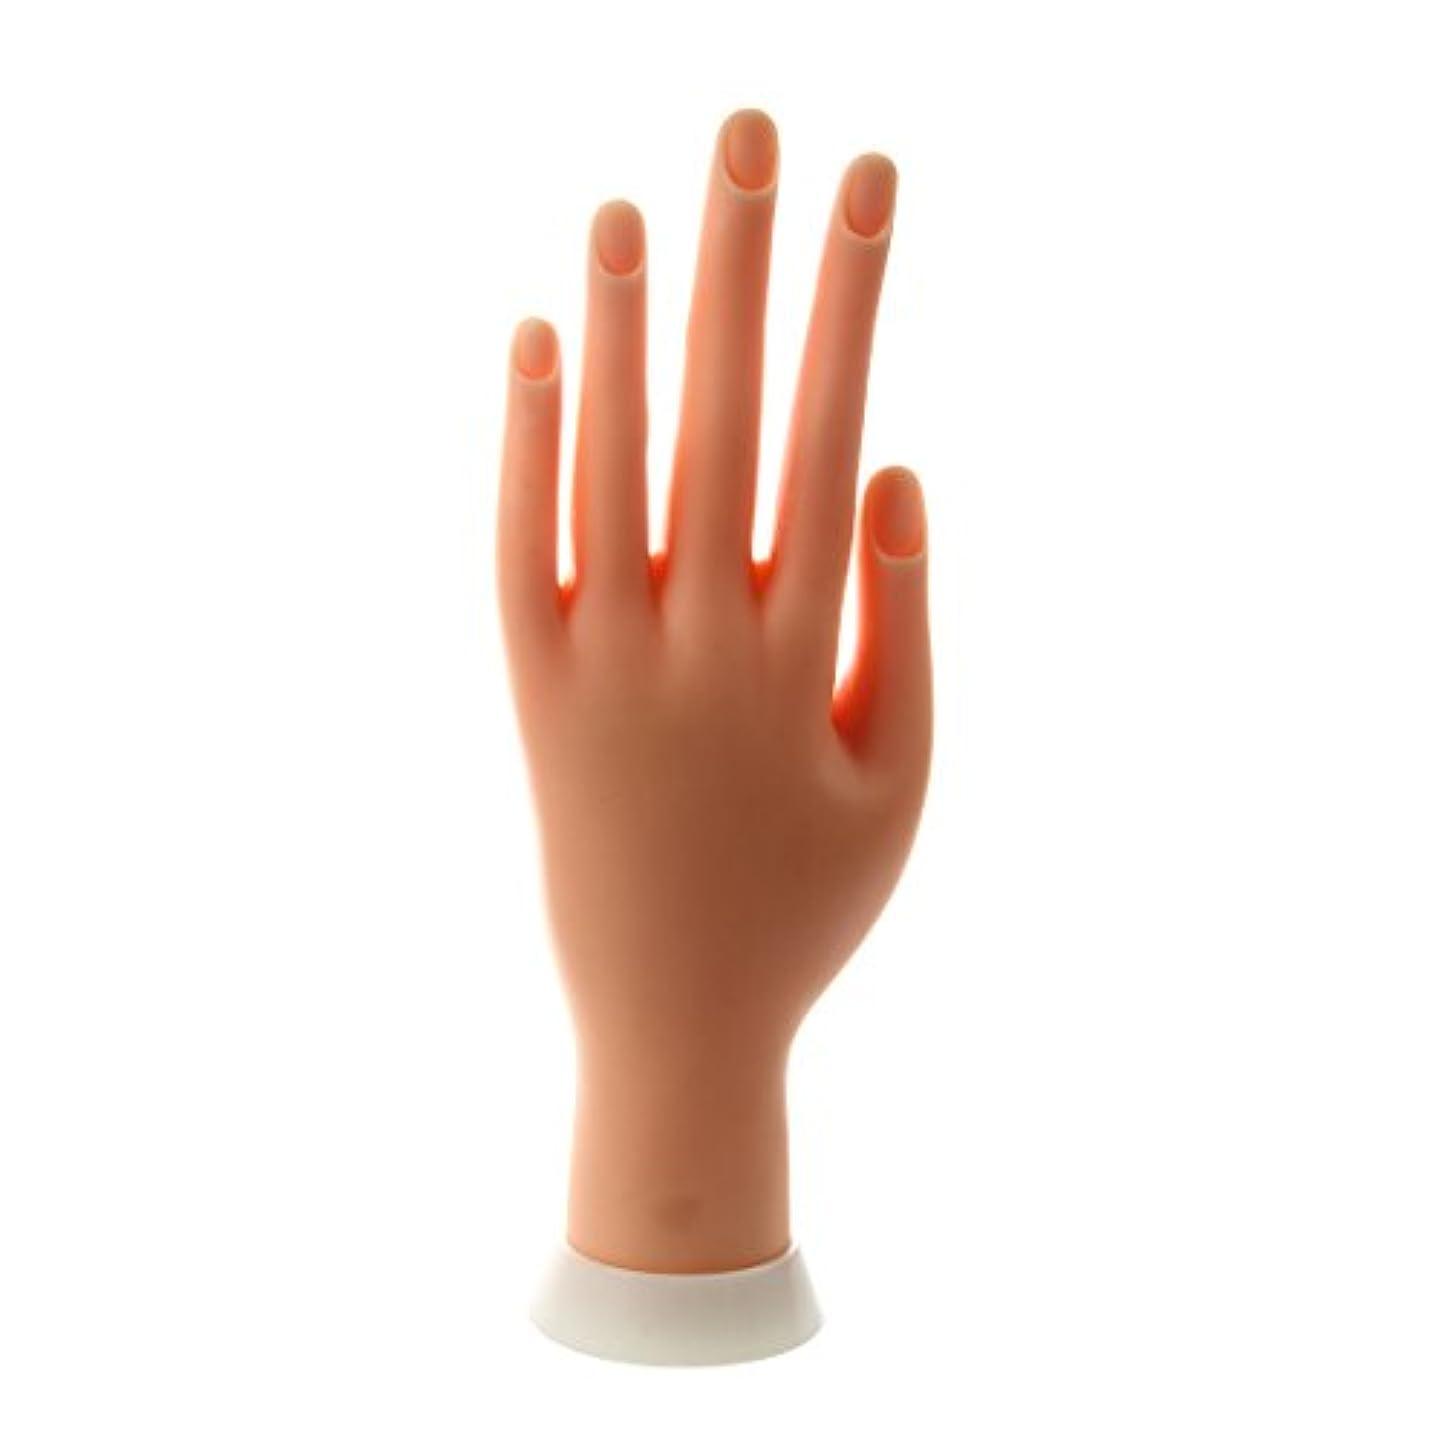 ブラウス習字熱帯のACAMPTAR ACAMPTAR(R) ネイルアートの練習のためのモデル左手